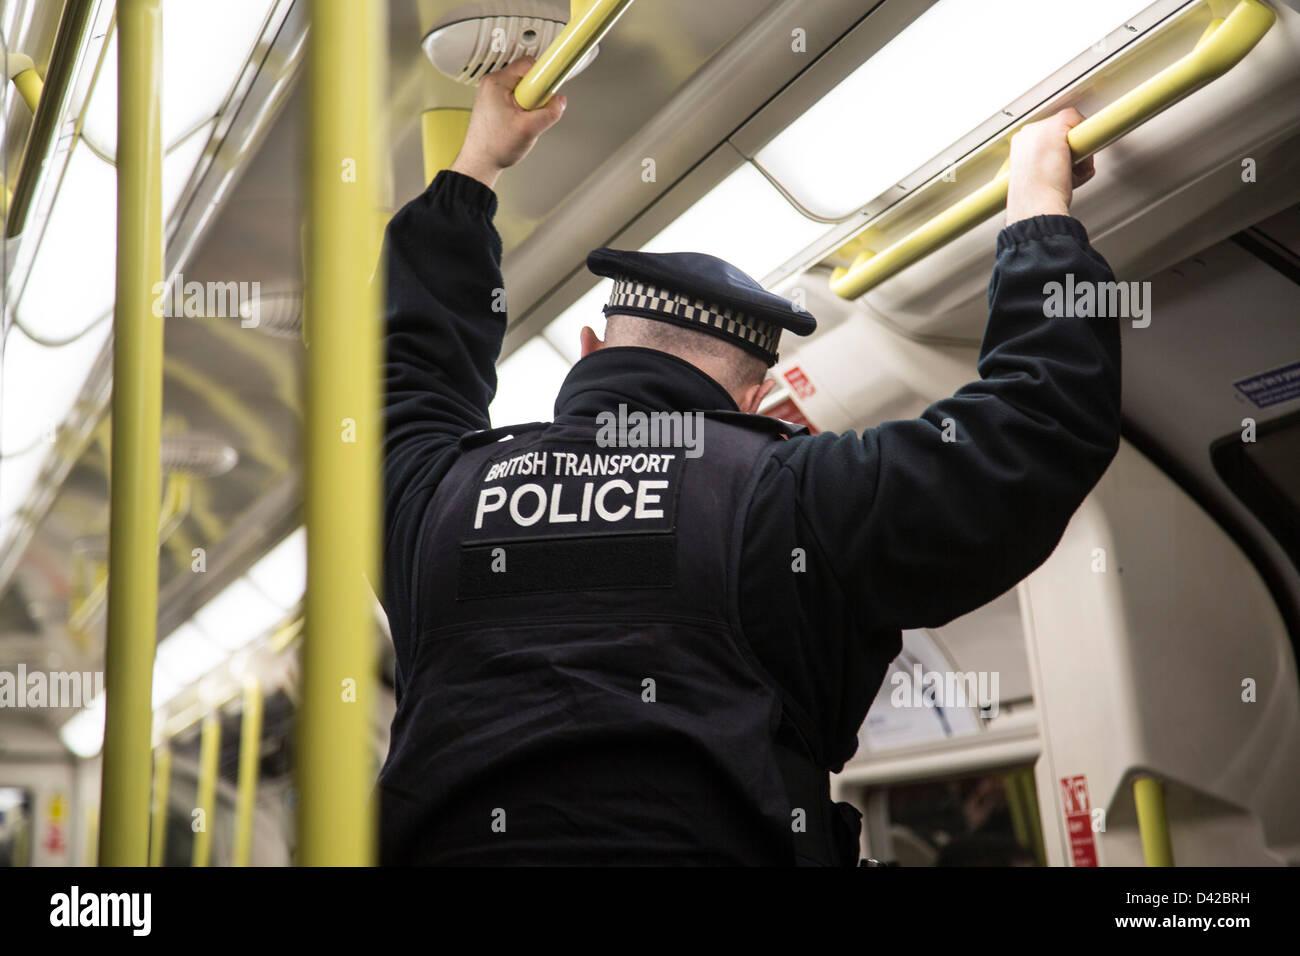 British transport police officer sul tubo stazione metropolitana Immagini Stock